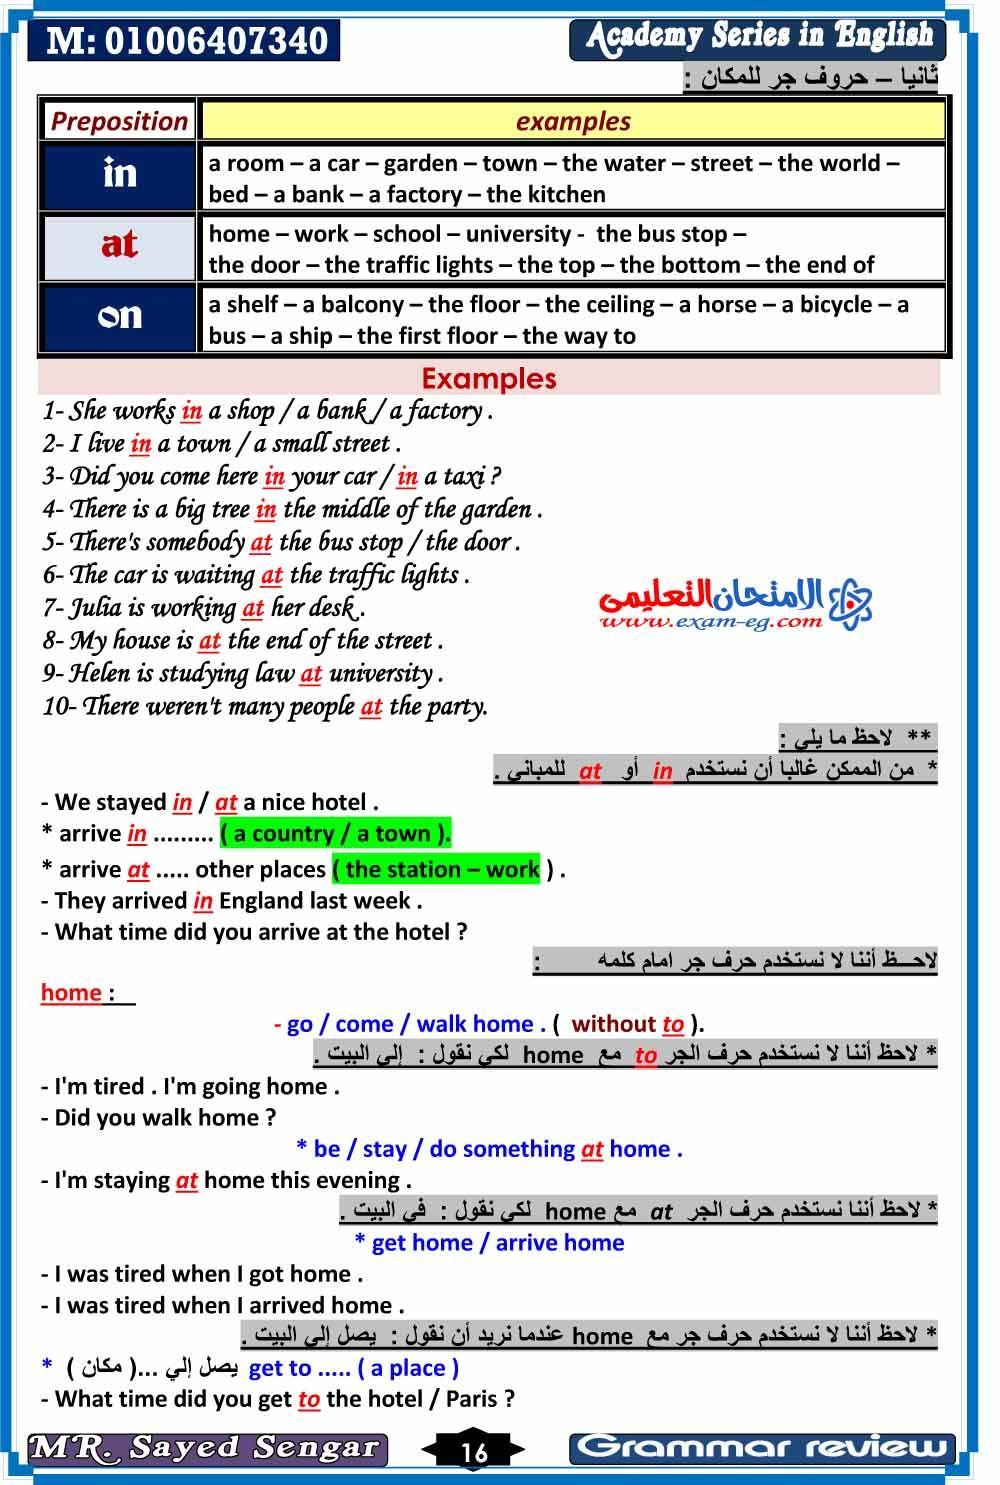 قواعد اللغة الانجليزية اسهل طريقة English Vocabulary Words Learn English Words Learn English